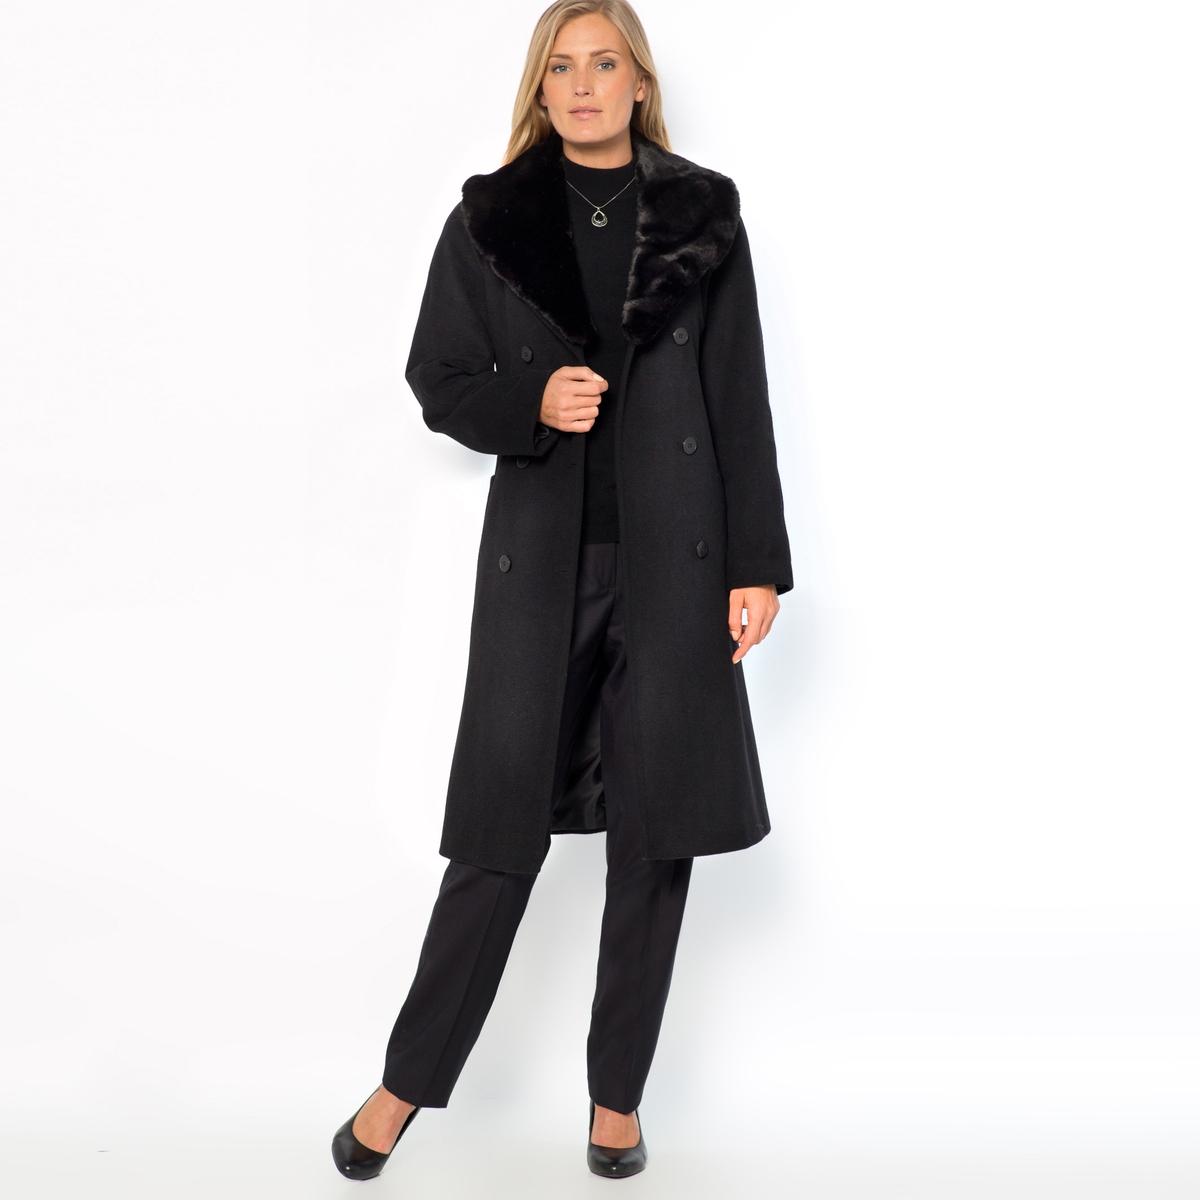 Пальто из полушерстяной ткани с воротником из искусственного меха жакет из велюра на подкладке из искусственного меха